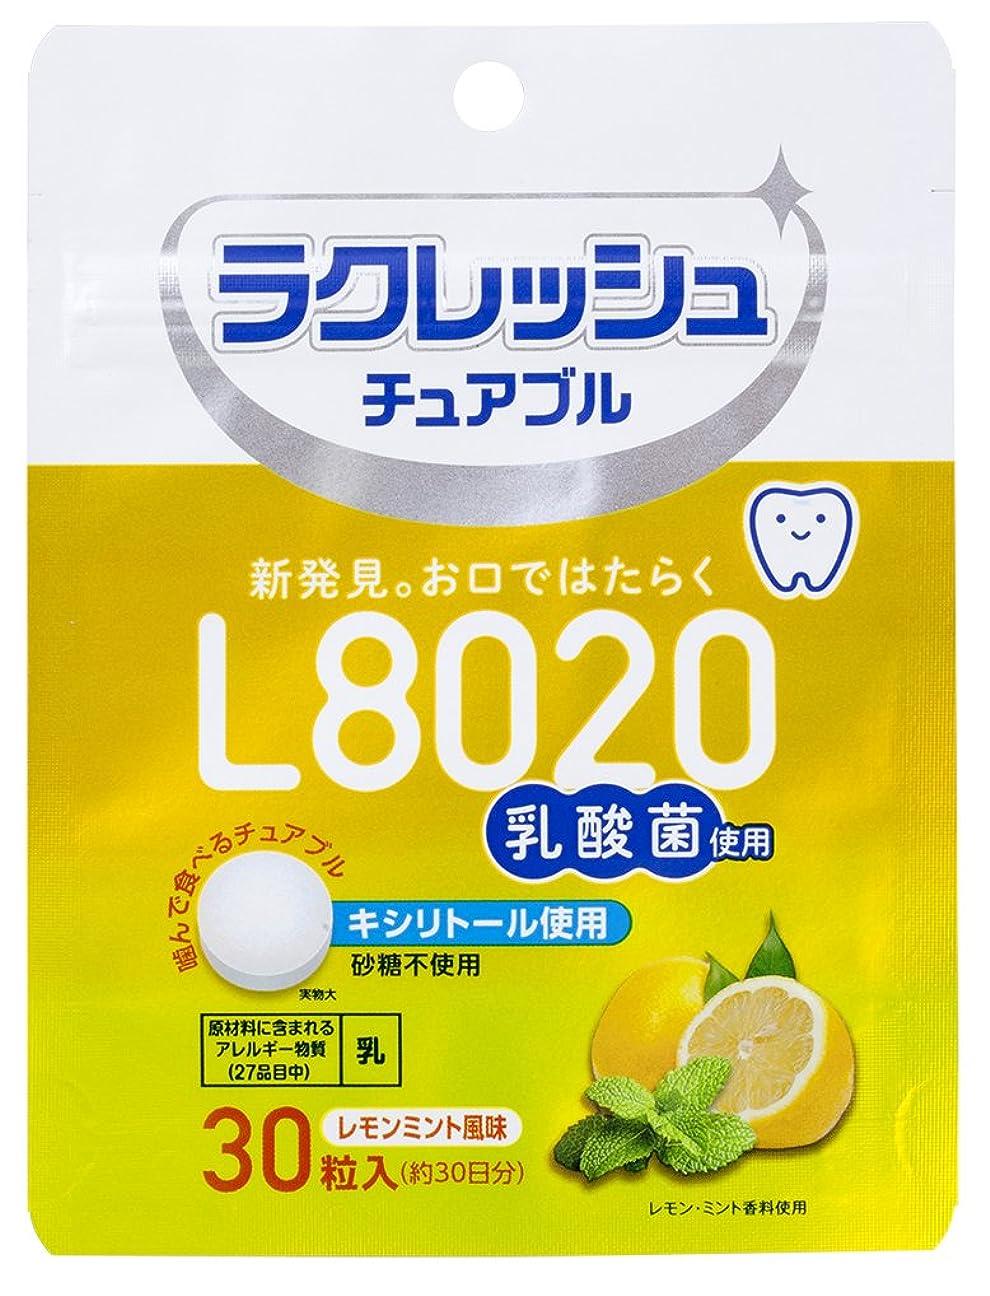 ジュニアブラインドお気に入りラクレッシュ L8020 乳酸菌 チュアブル レモンミント風味 オーラルケア 30粒入